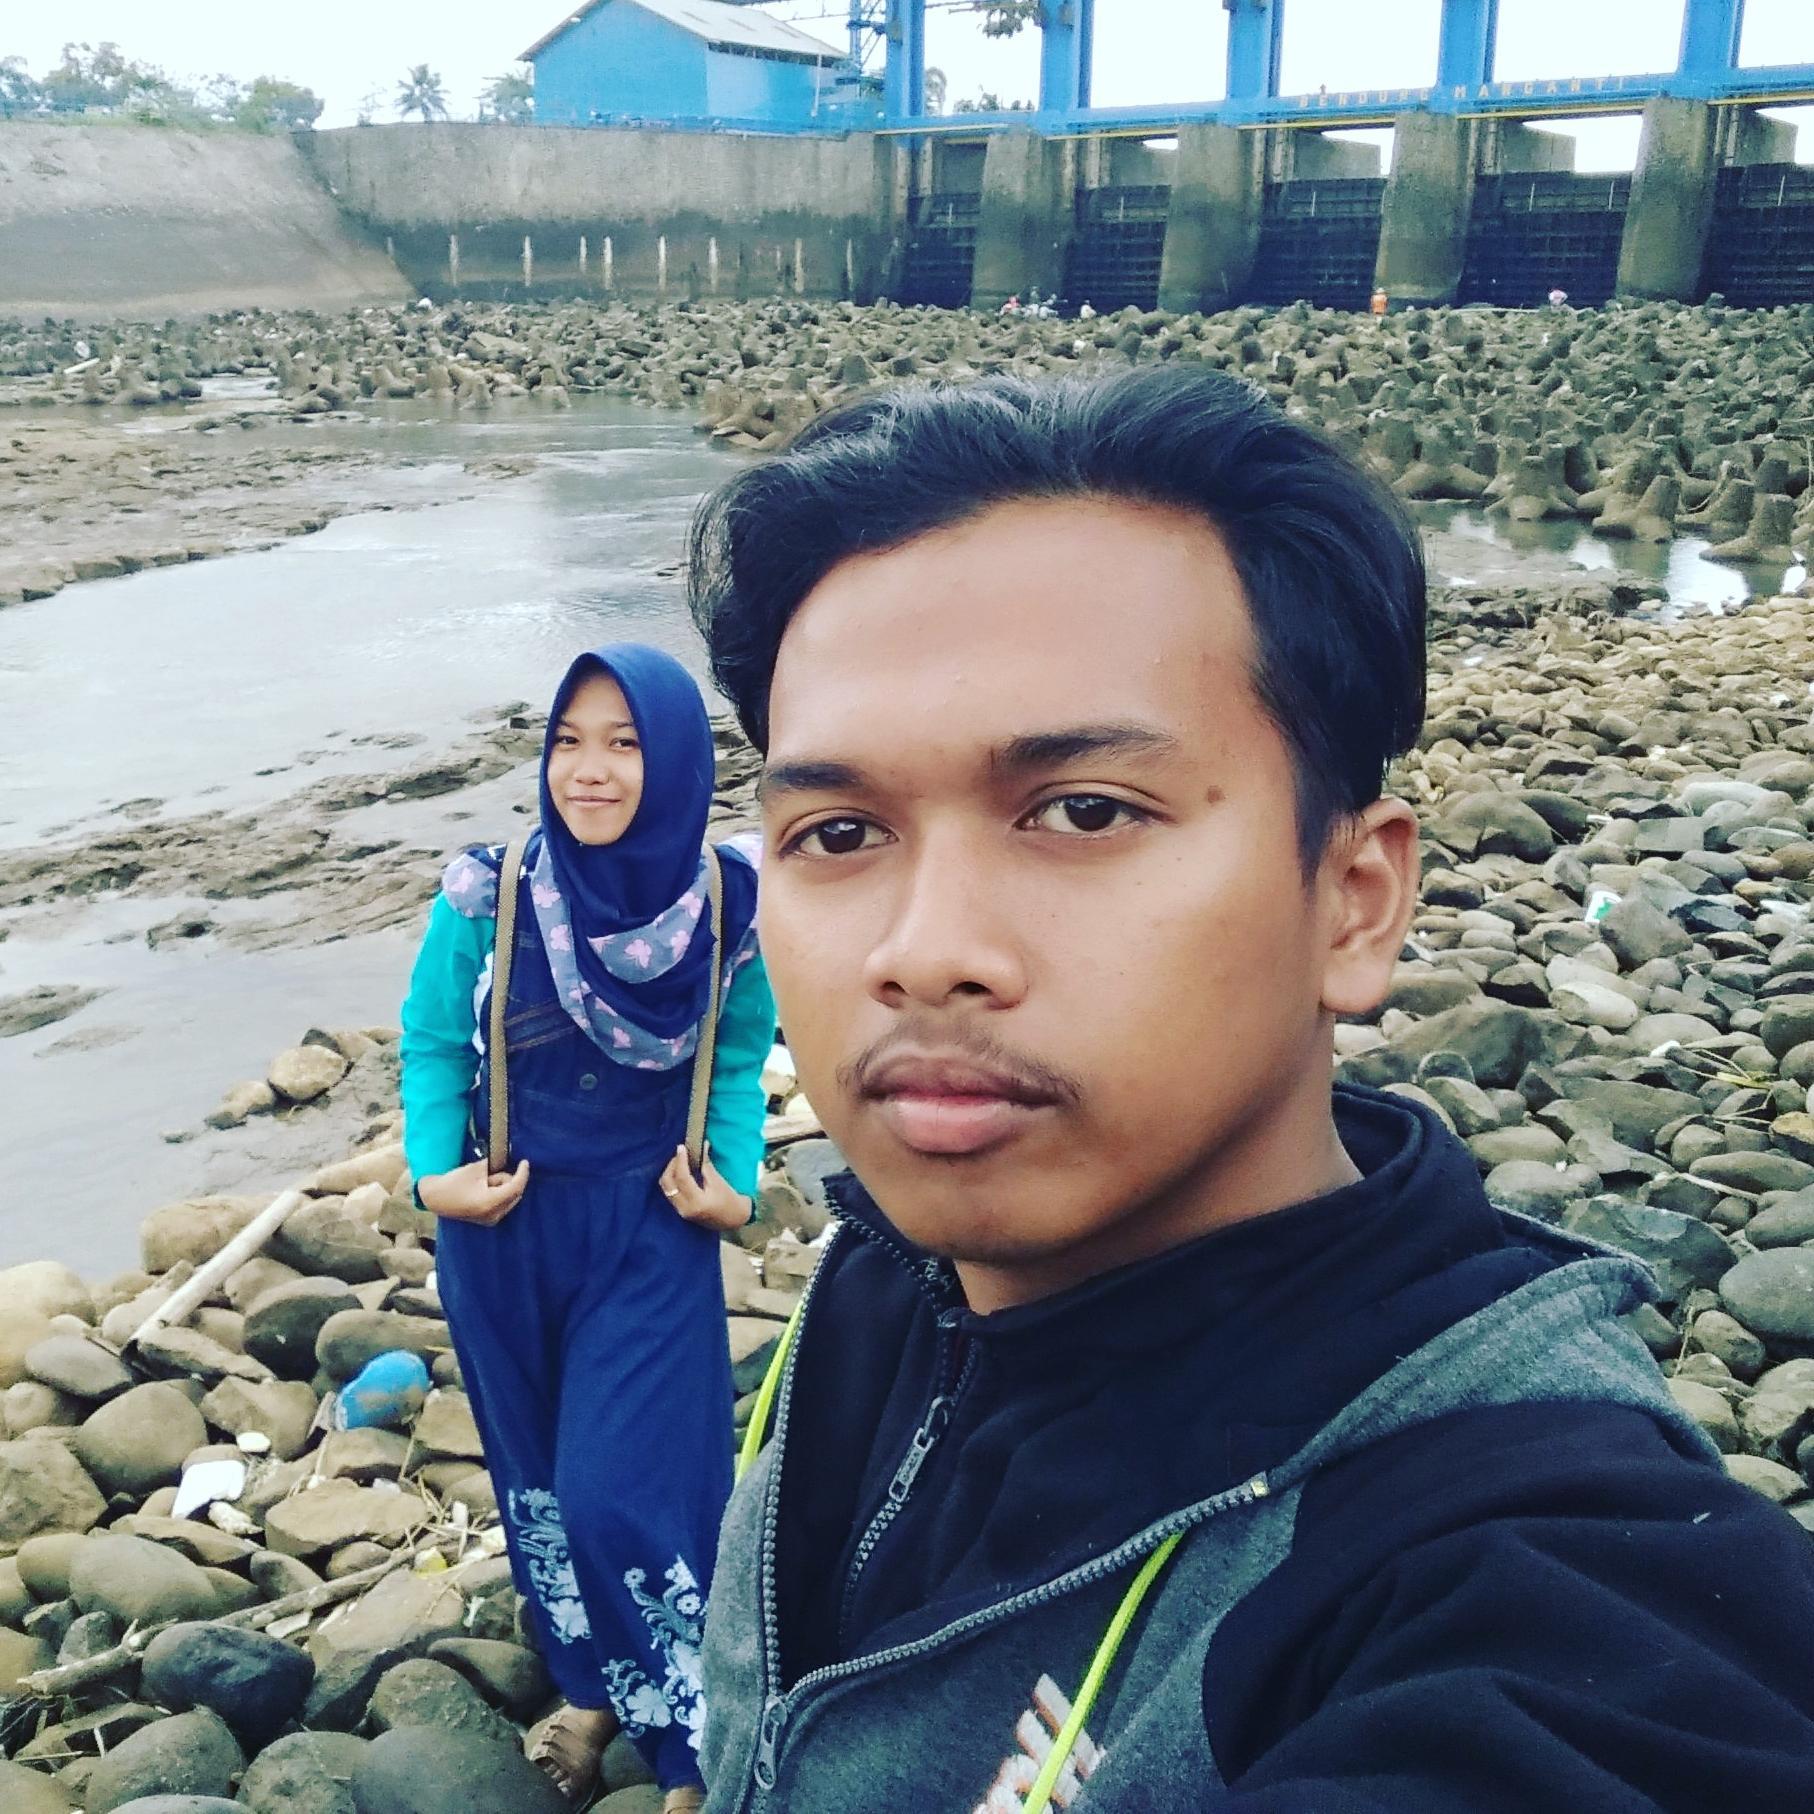 Ilmanmauluddin